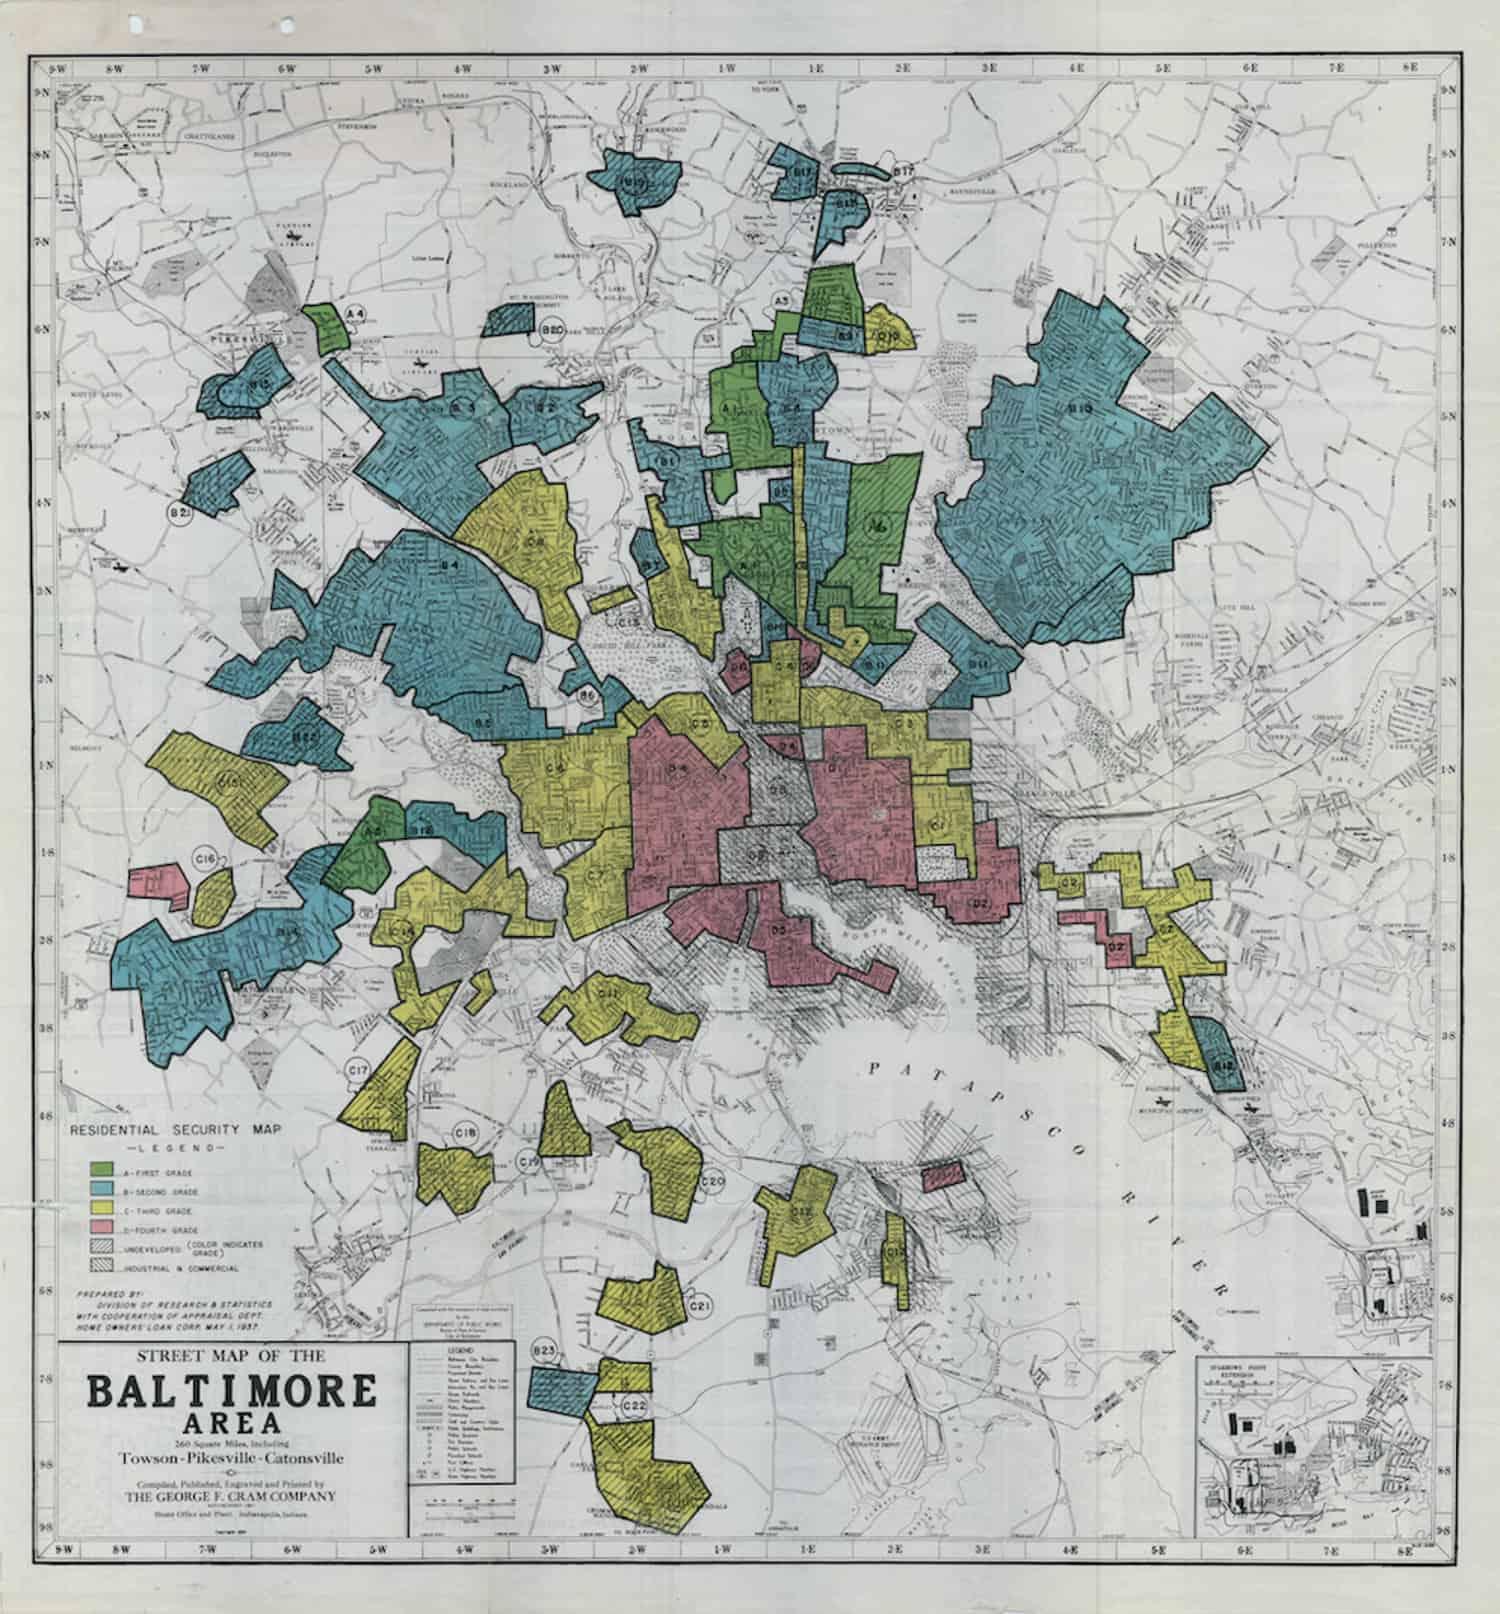 Baltimore 1930